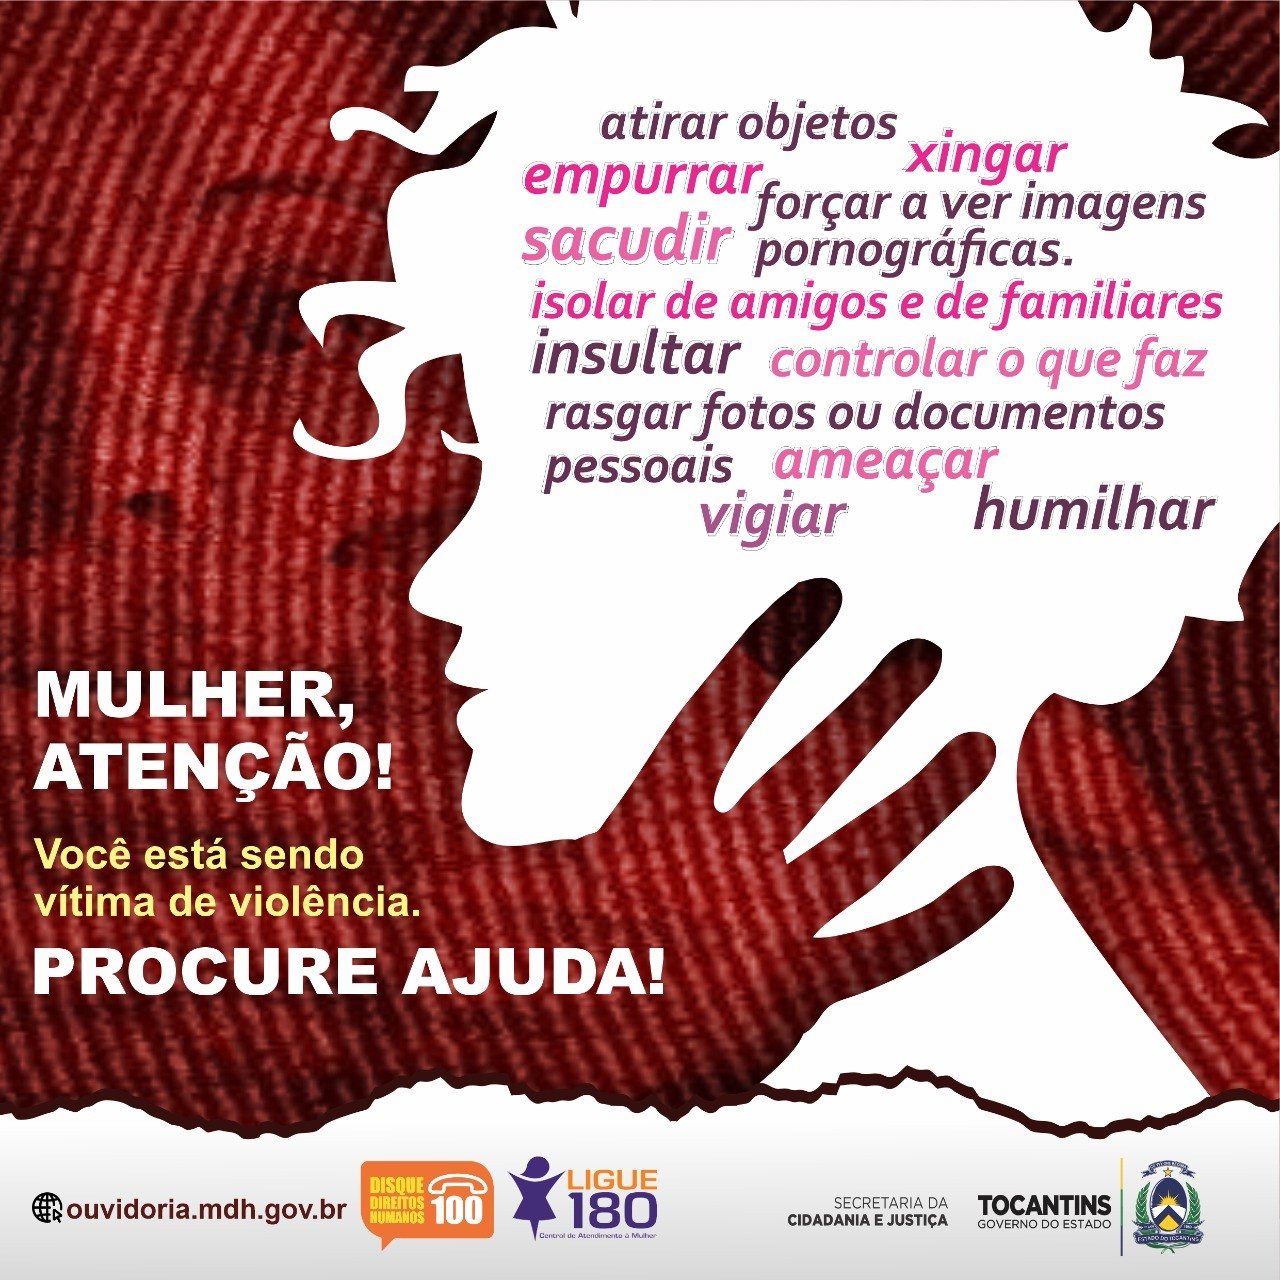 Números de registros de violência contra mulher caem no Tocantins; Cidadania e Justiça reforça necessidade de denunciar